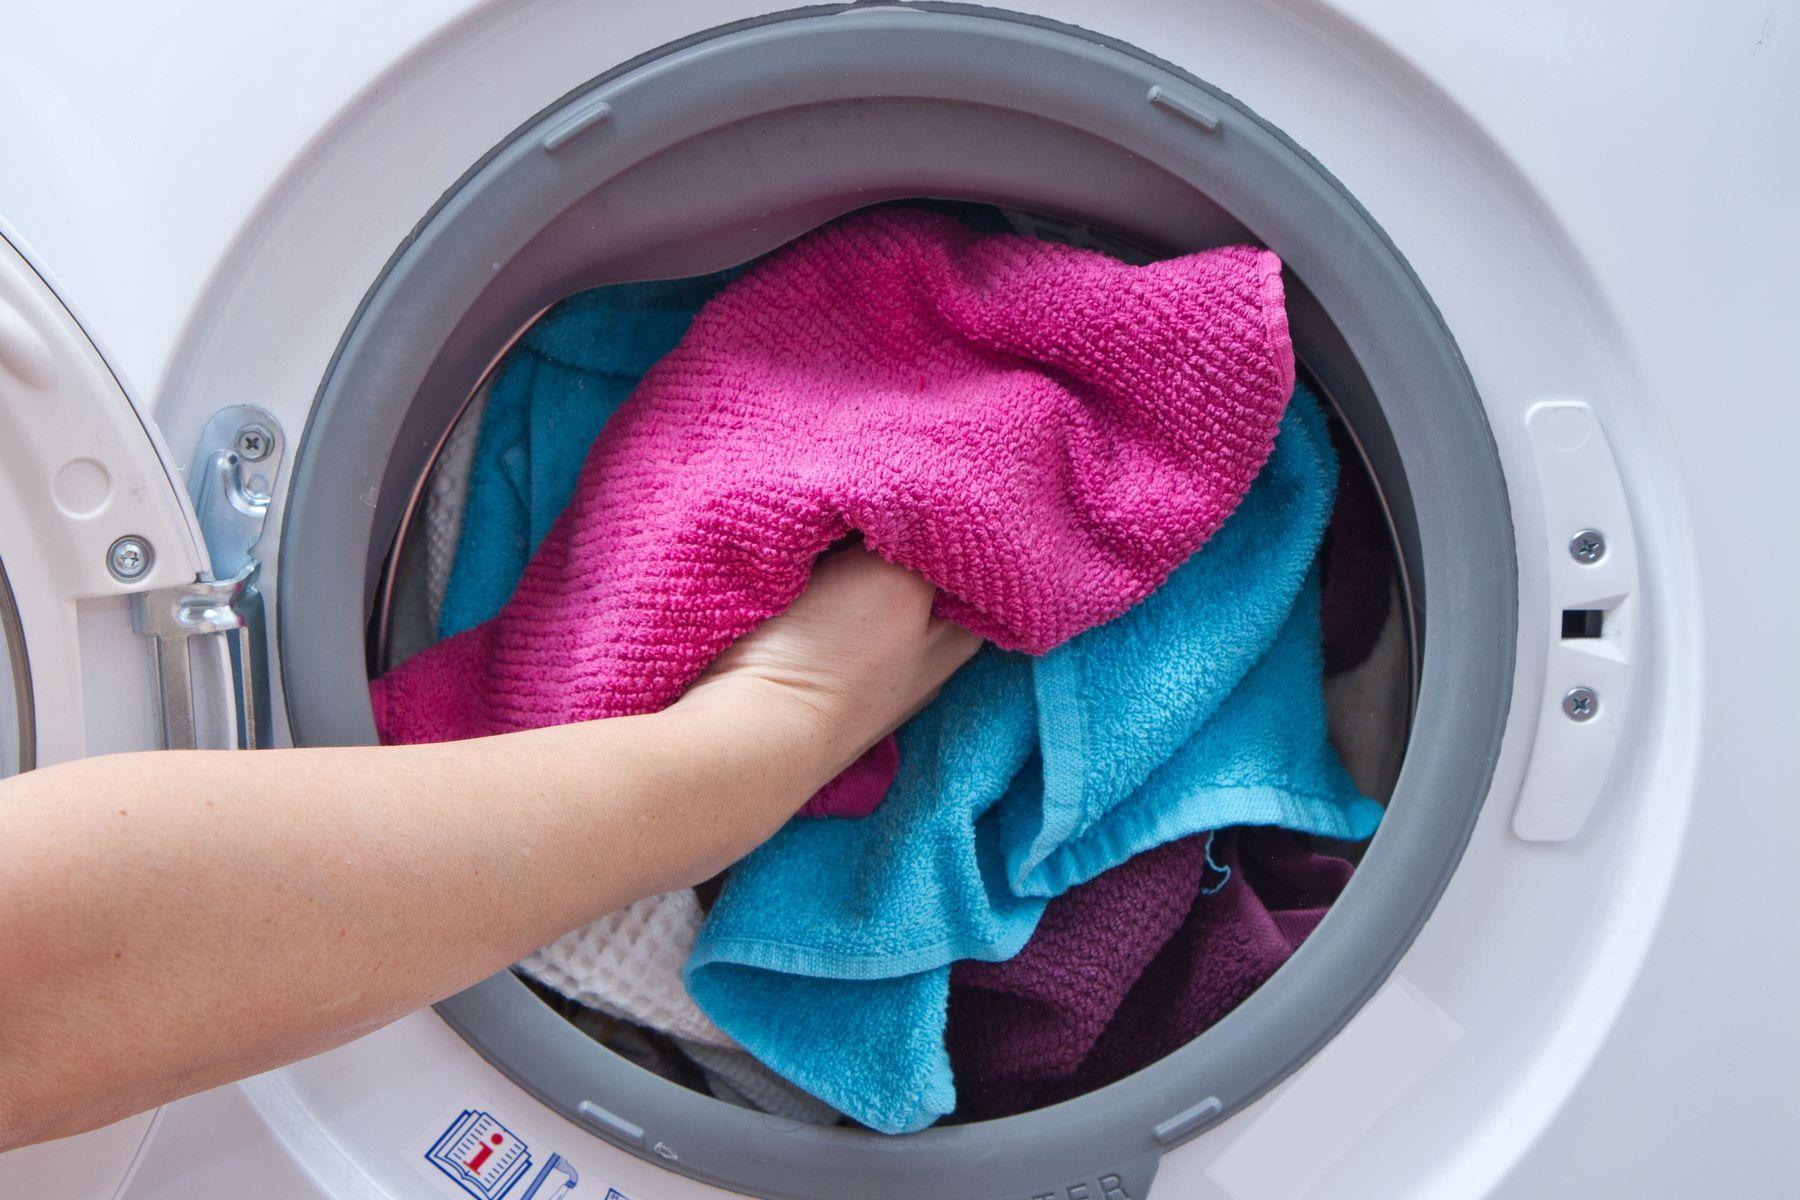 Tại sao nên sử dụng nước giặt riêng cho quần áo của trẻ sơ sinh